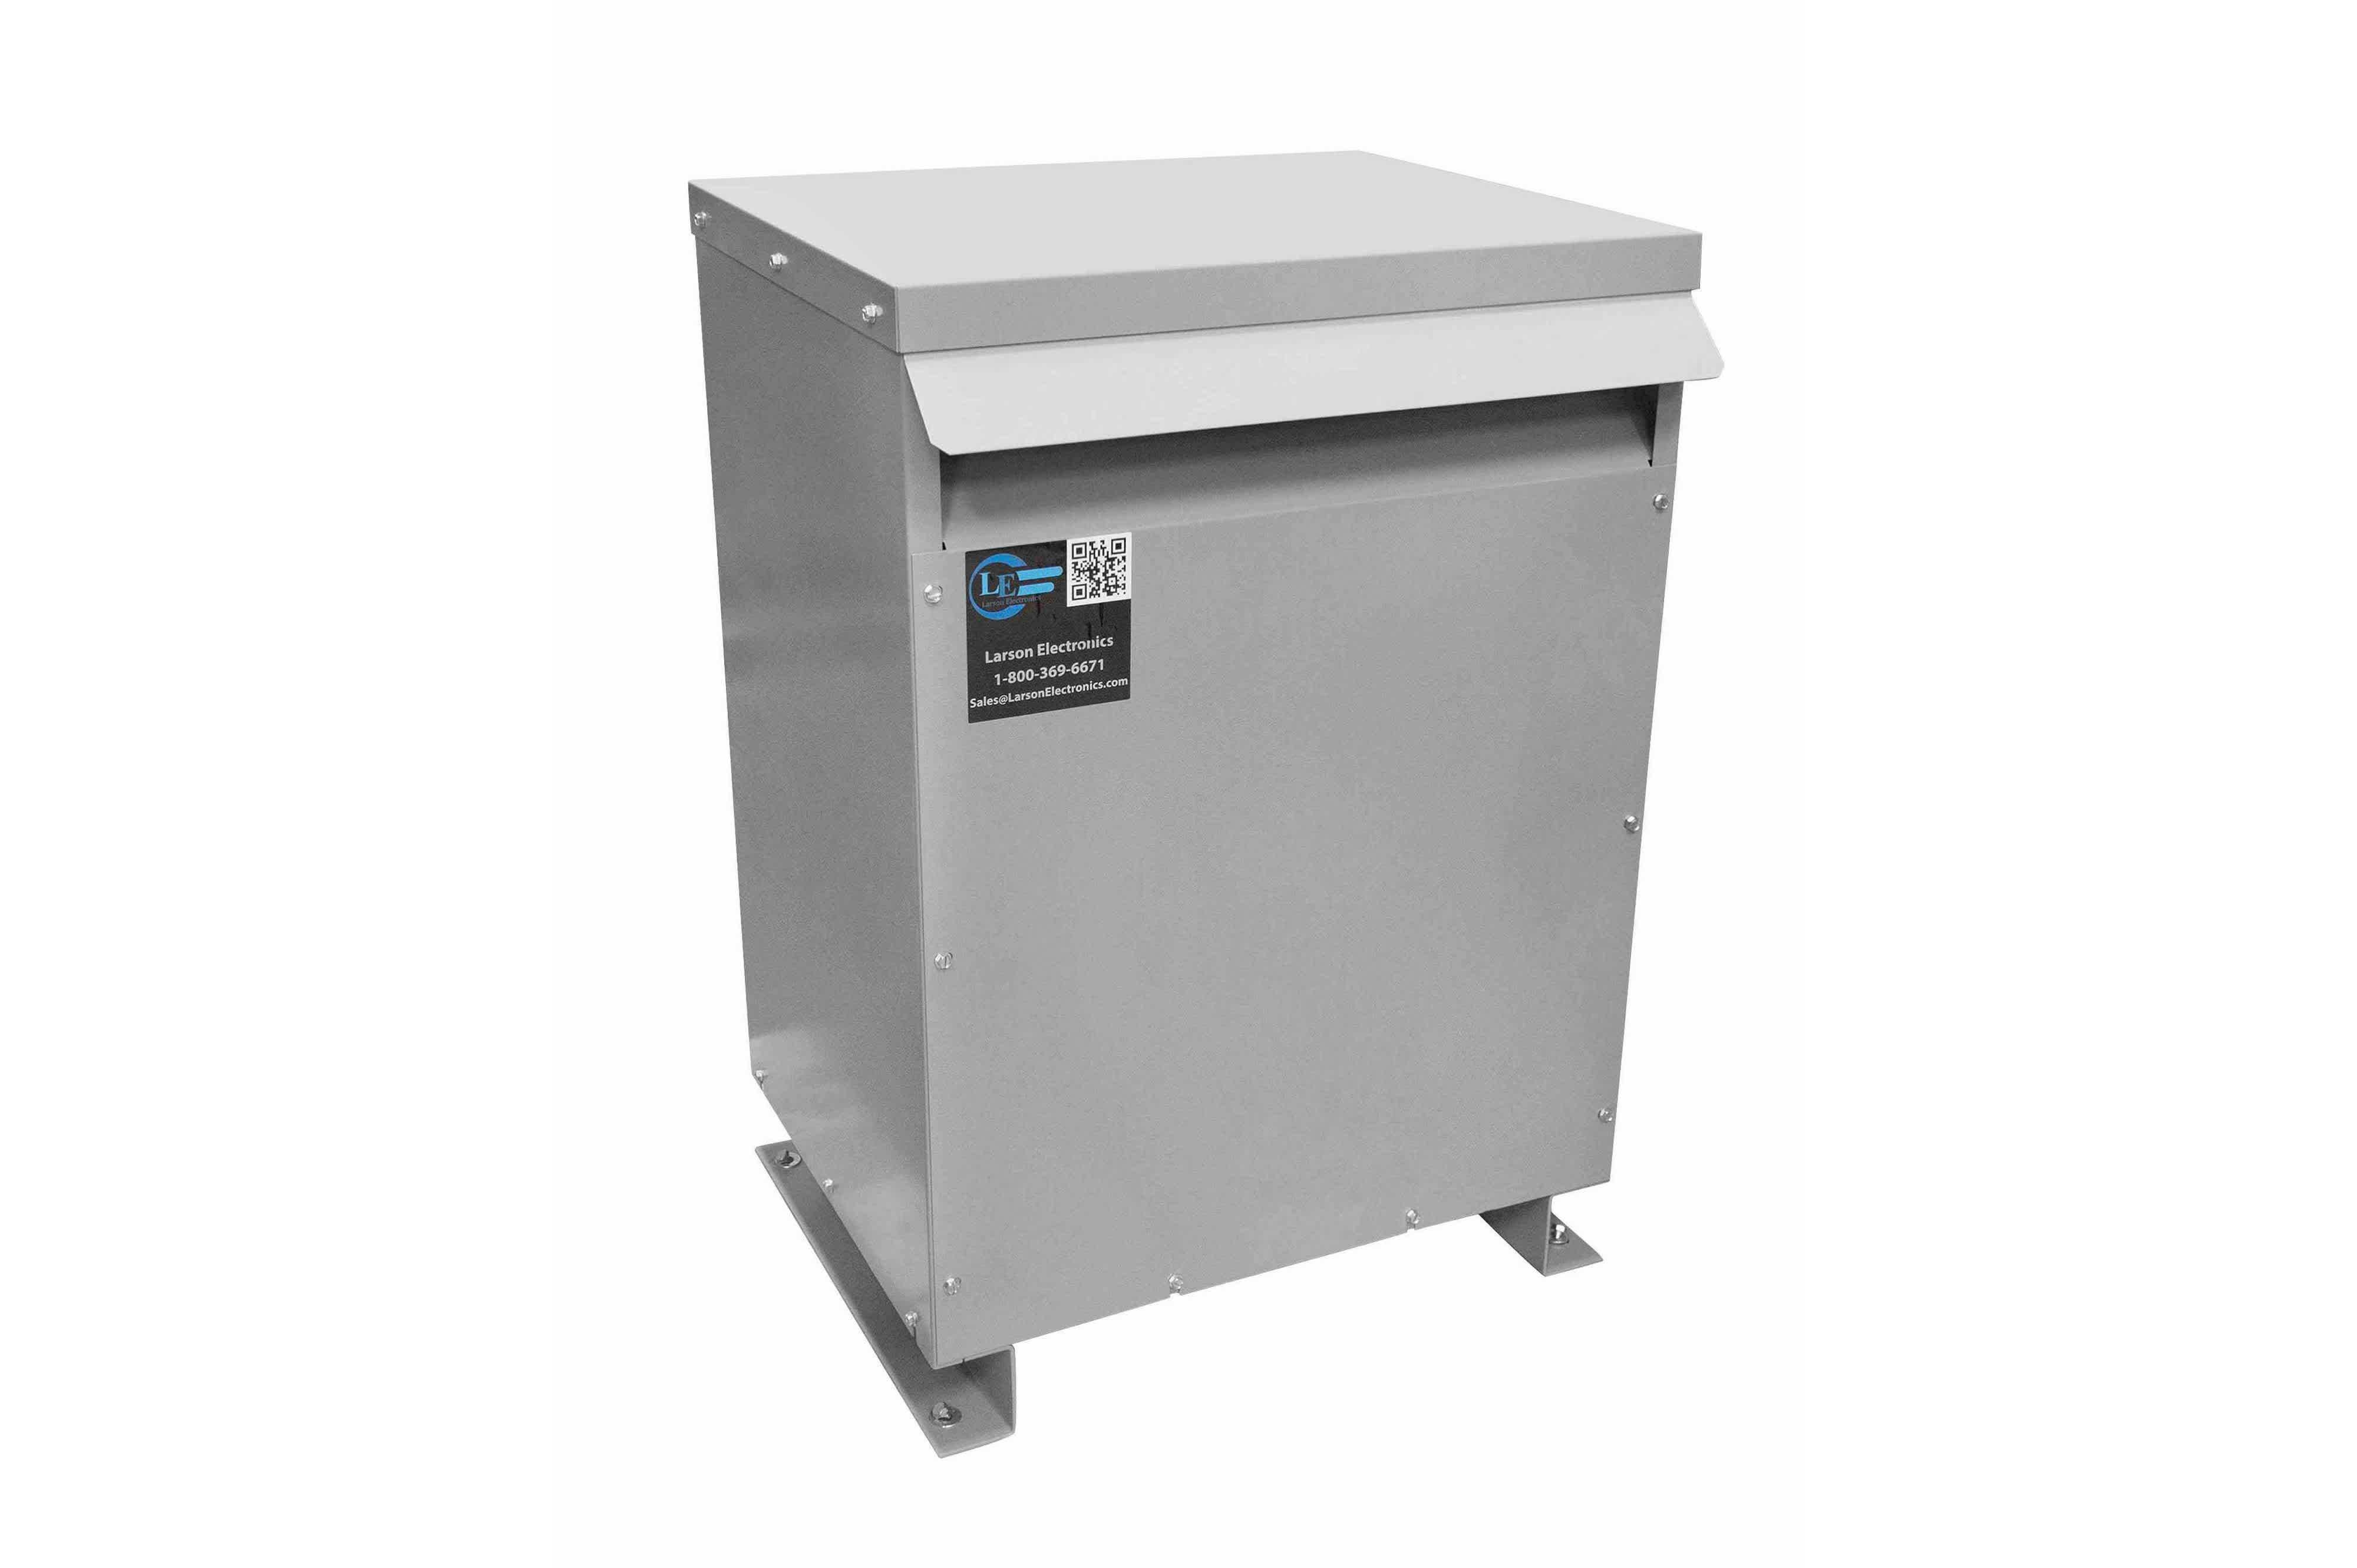 80 kVA 3PH Isolation Transformer, 415V Delta Primary, 600V Delta Secondary, N3R, Ventilated, 60 Hz